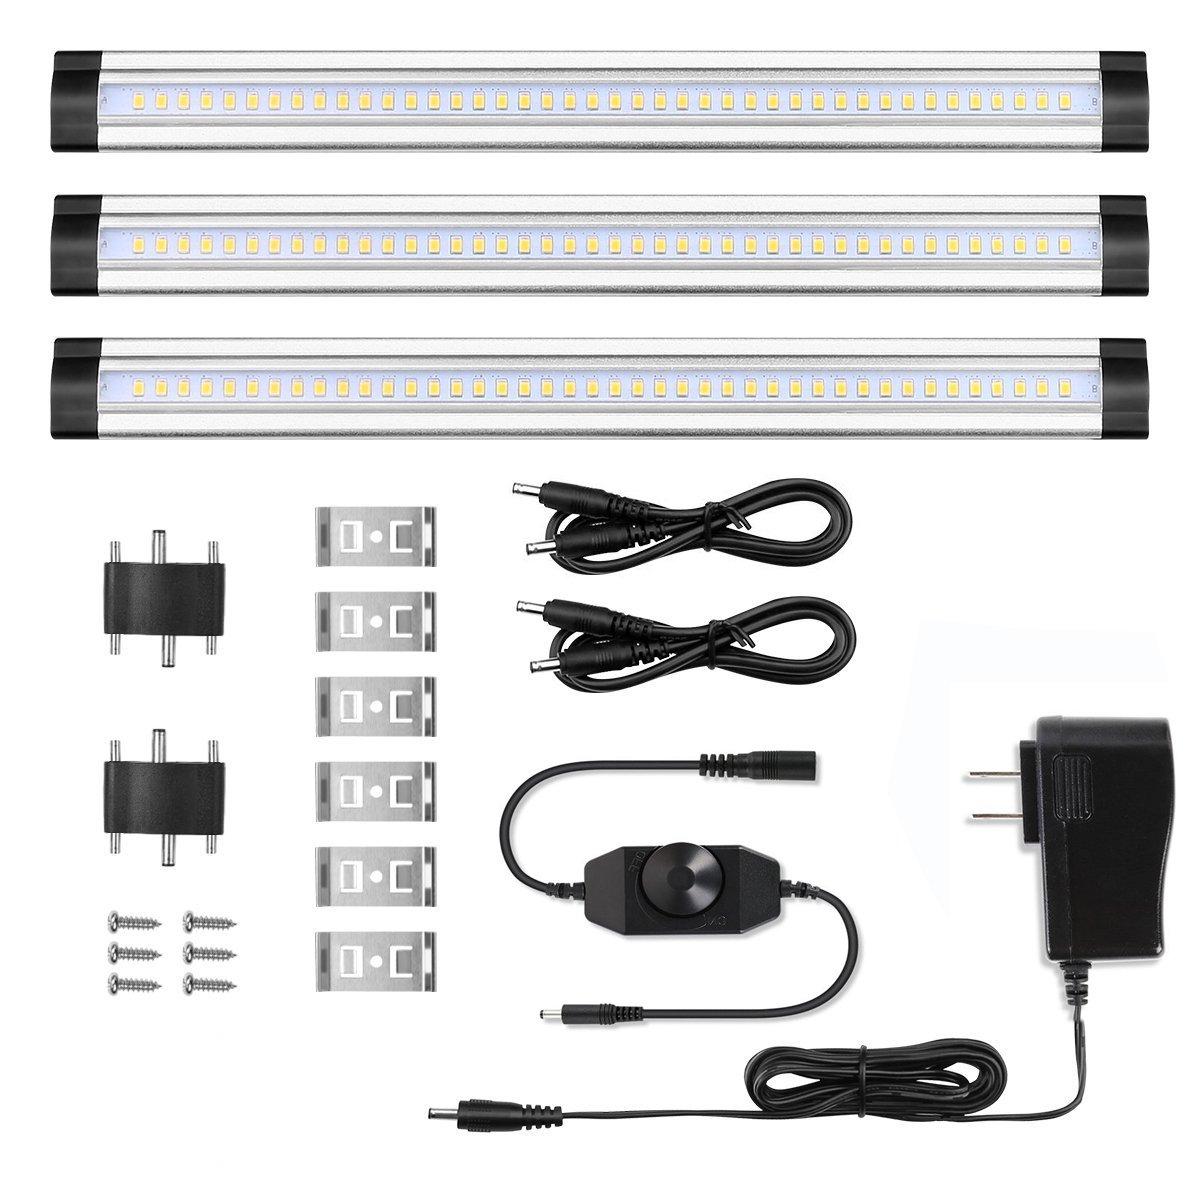 調光機能付きunderリンク可能な[ 3パック]カウンタキッチンキャビネット照明、LEDライトストリップ、12 W 900ルーメン、暖かいホワイト3000 K B07BVFG871 22209